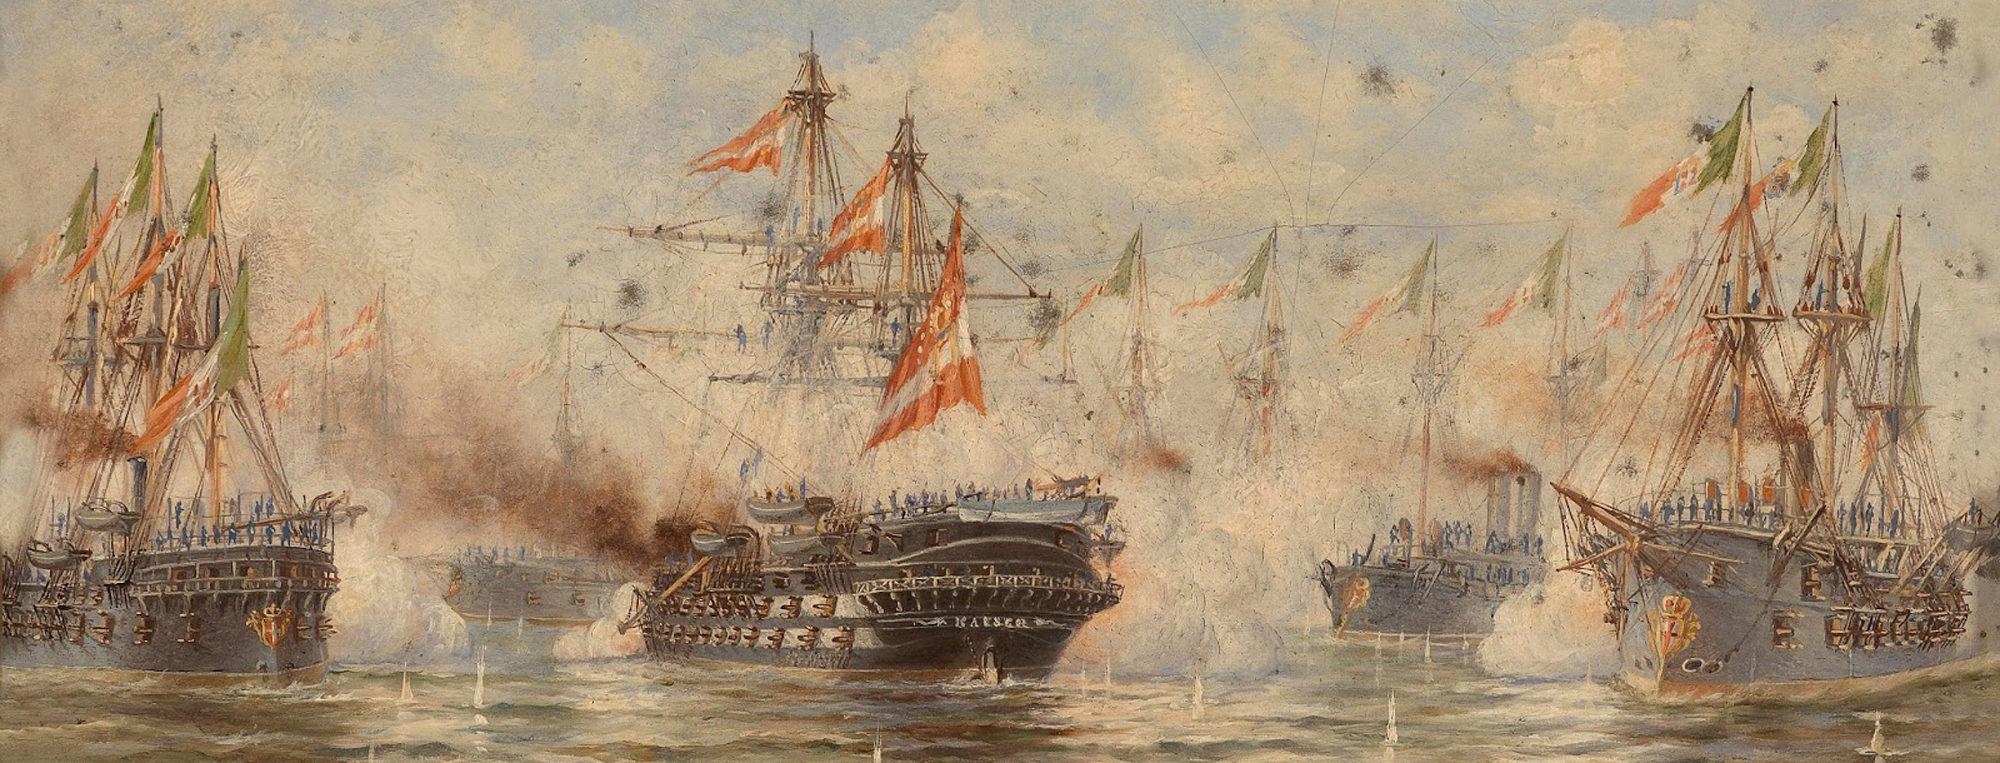 BG battle of lissa 1870s fleets